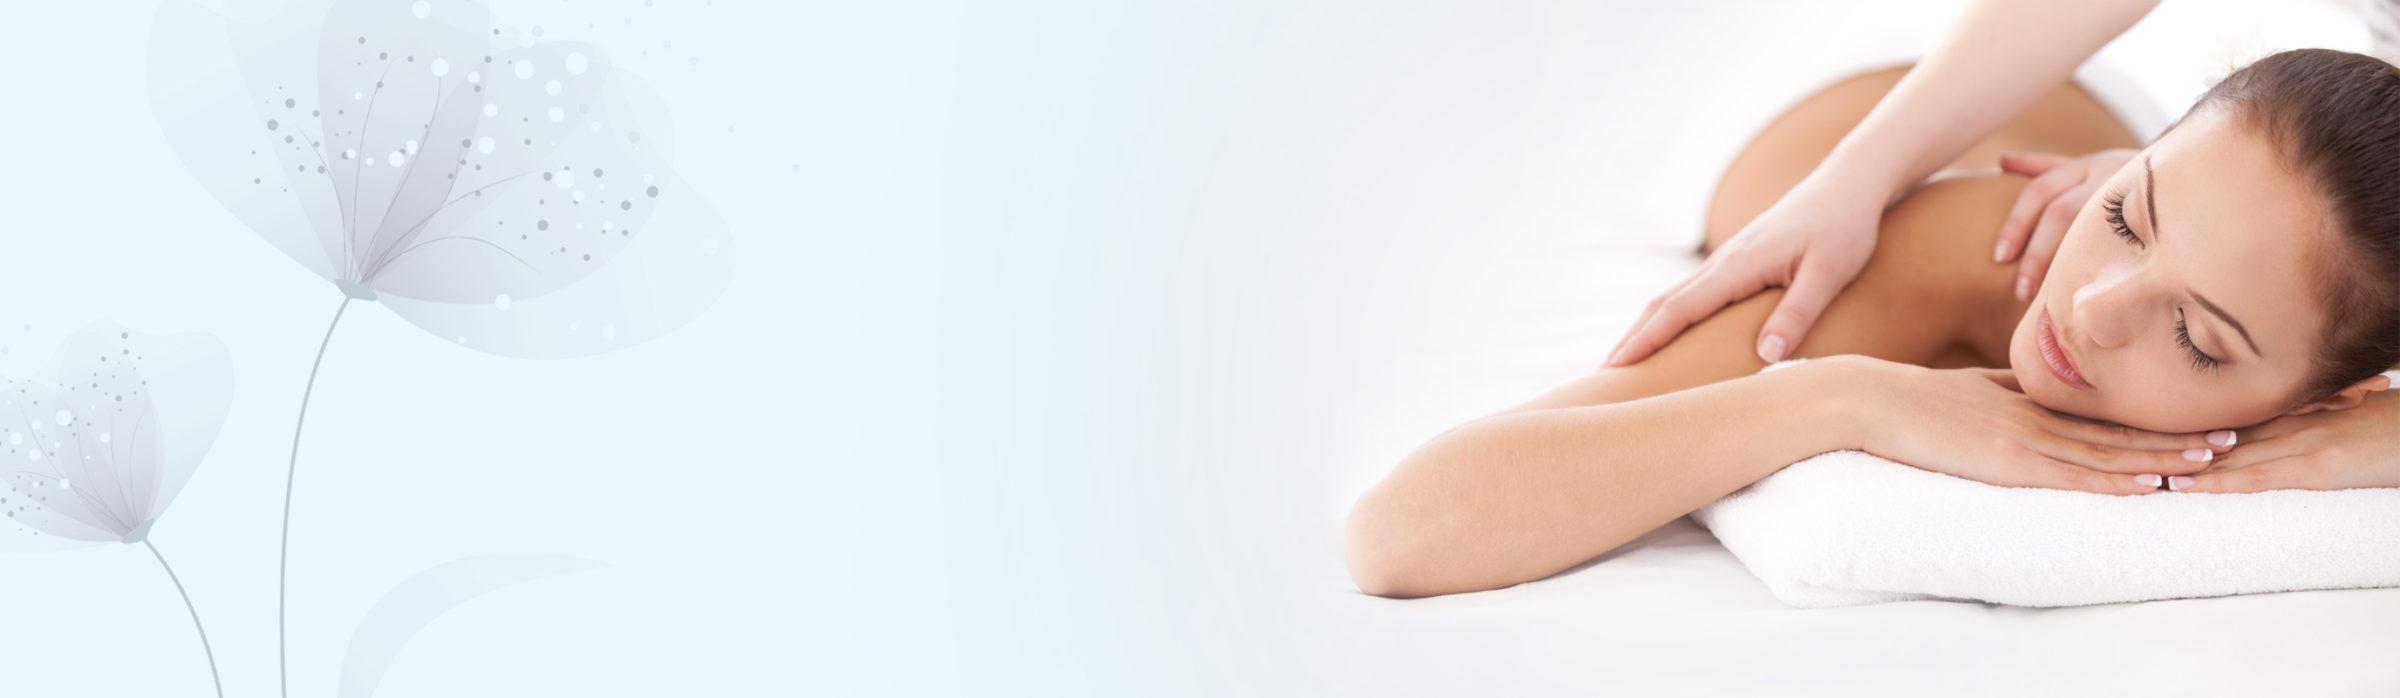 full body massage in saket delhi